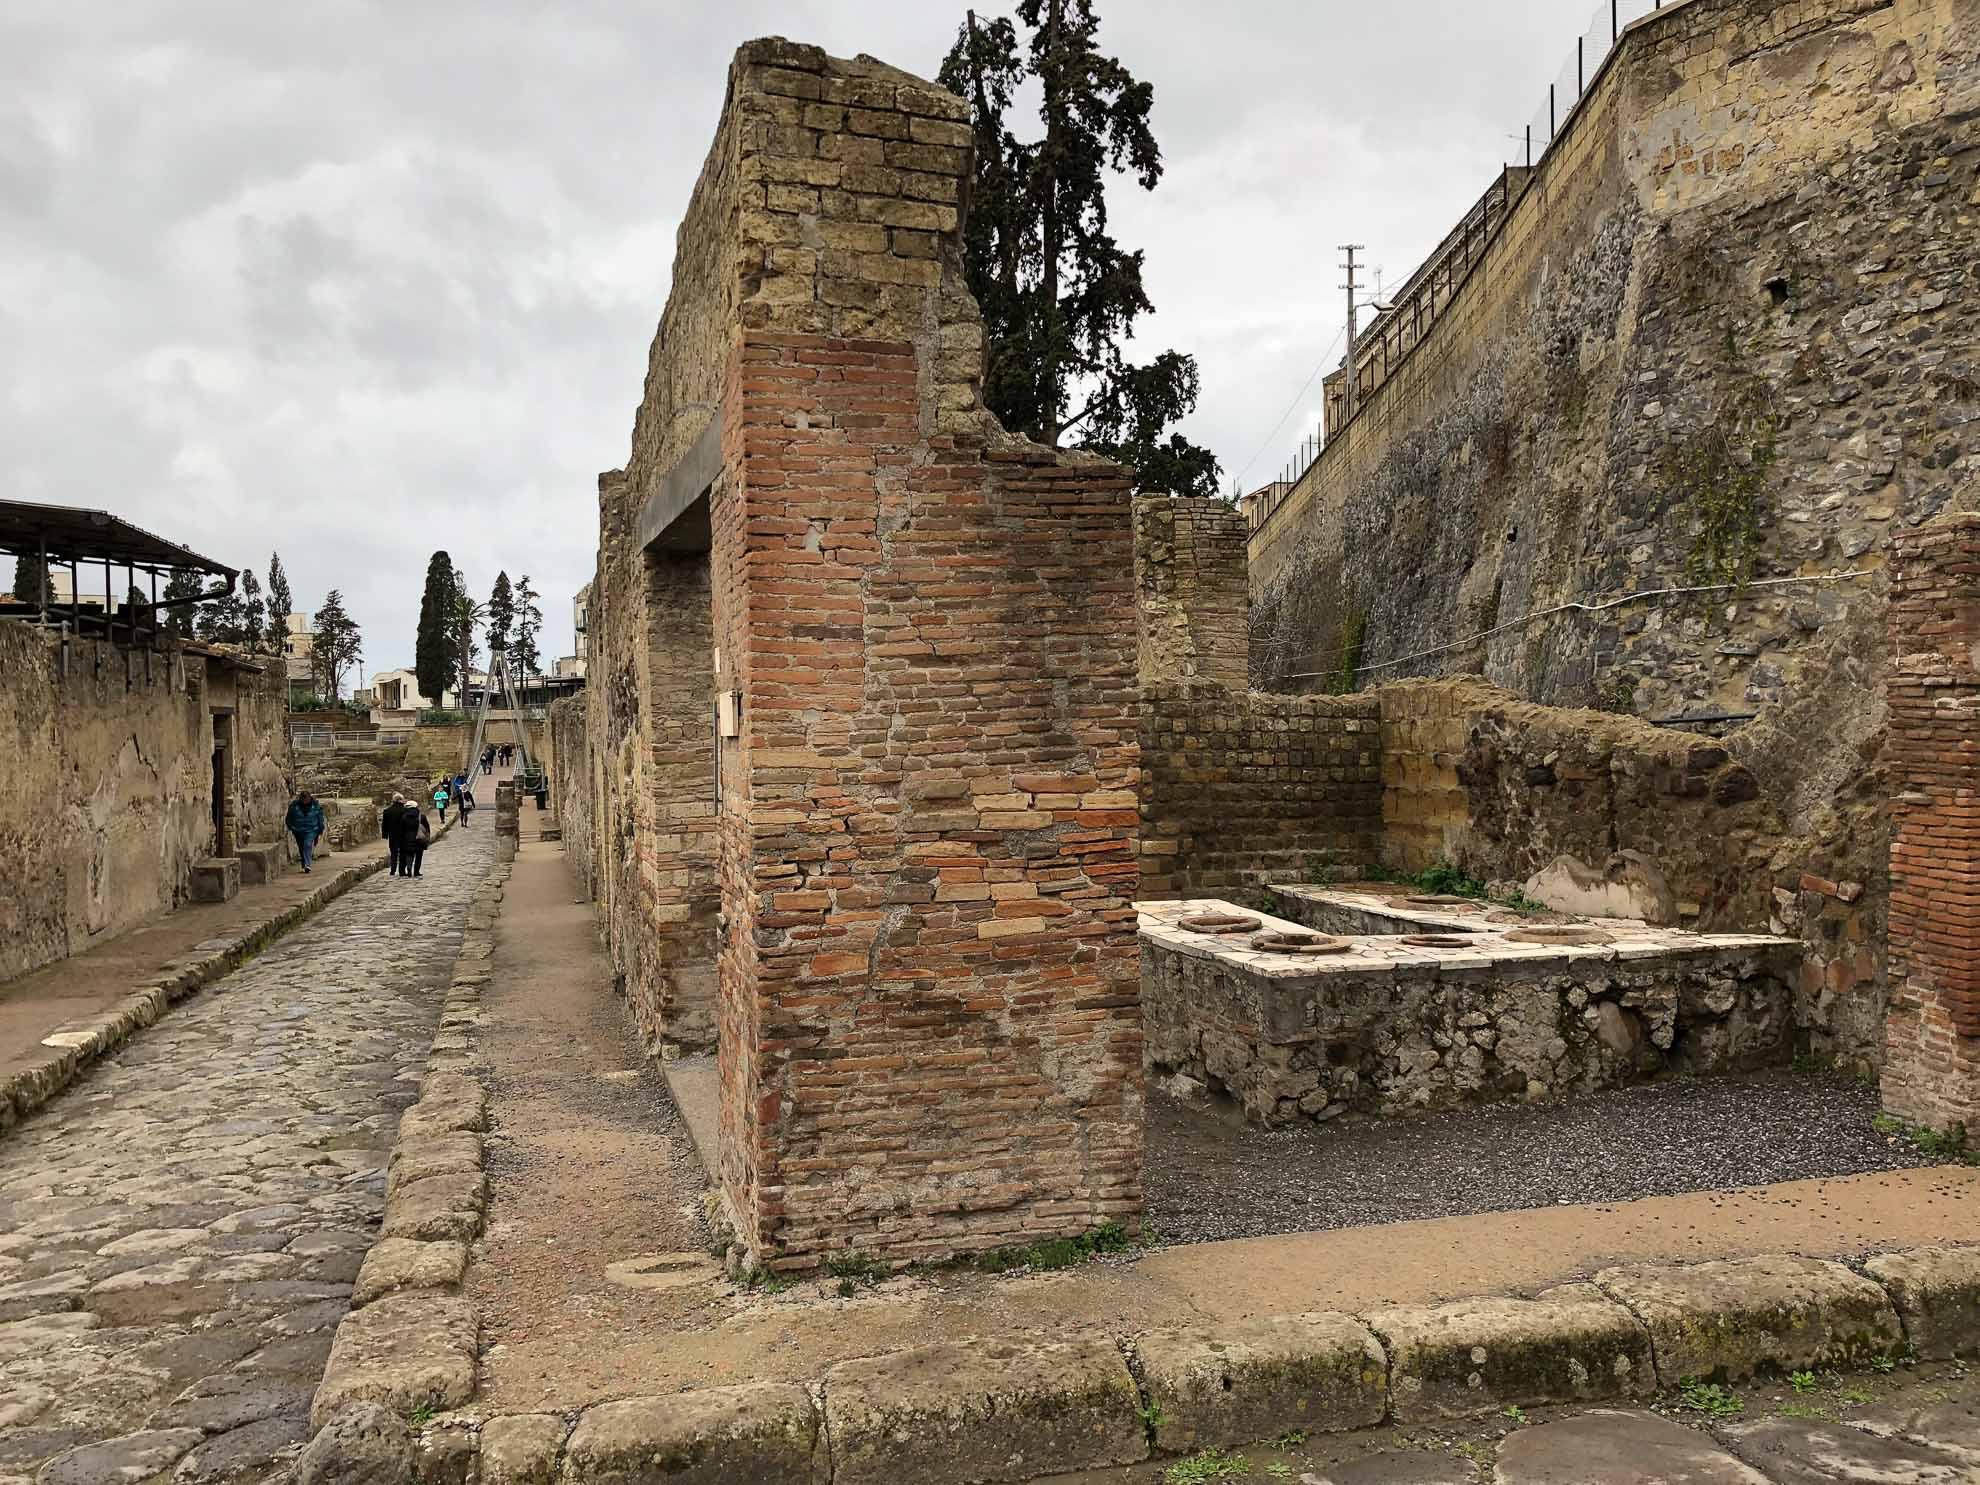 Herculaneum ist weniger bekannt als Pompeji, aber auch hier kann man sich auf eine Zeitreise begeben, auf alten römischen Straßen laufen ...